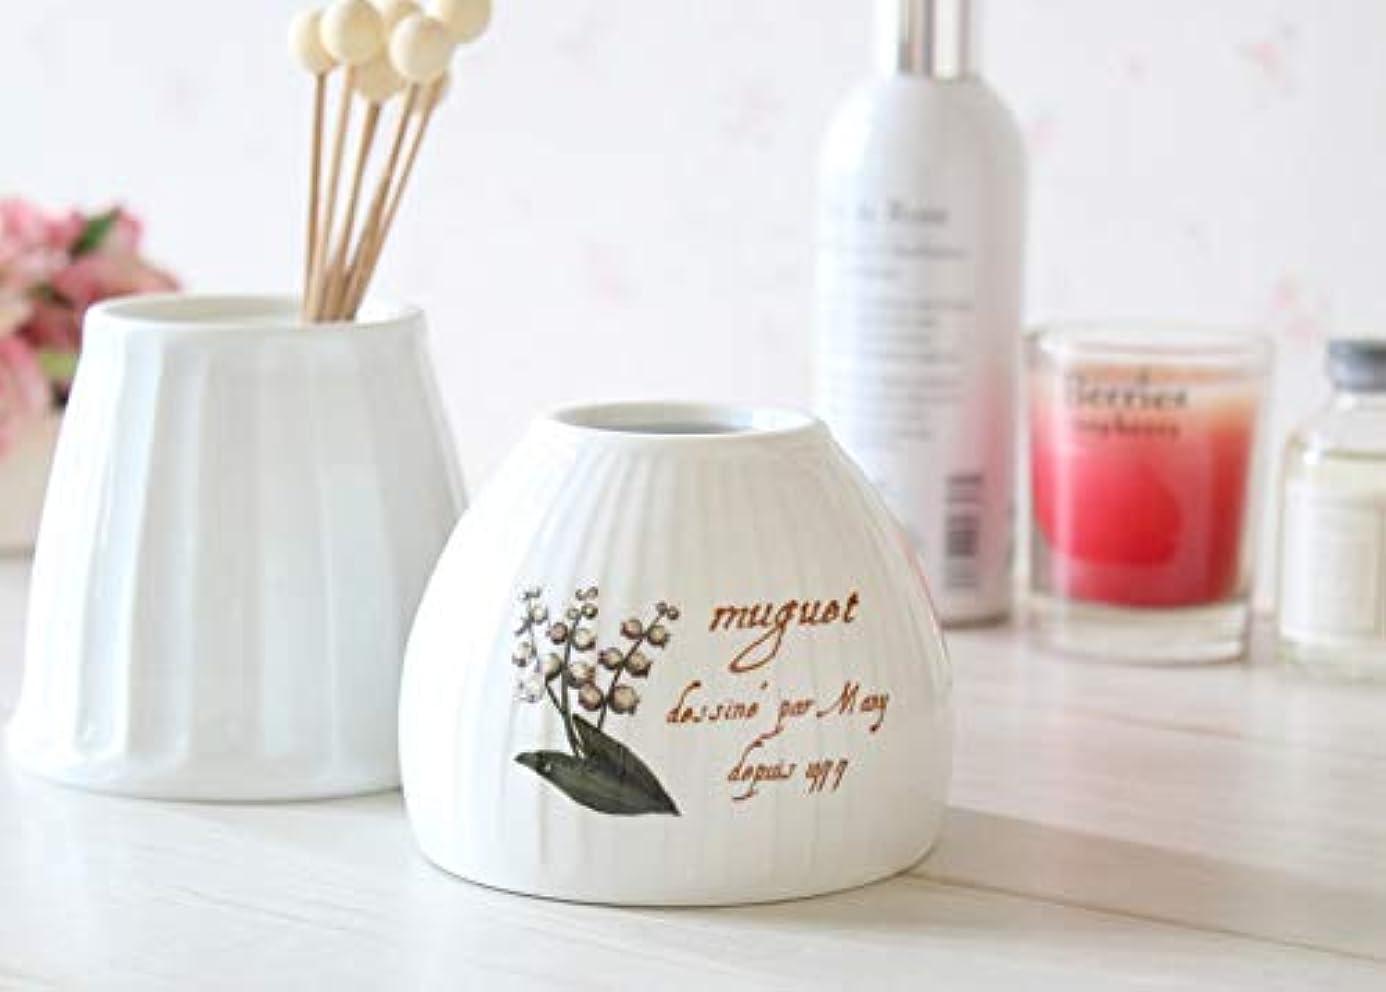 ナラーバー盗難アプトマニー ミュゲ 陶器 ジュポン型アロマカバー